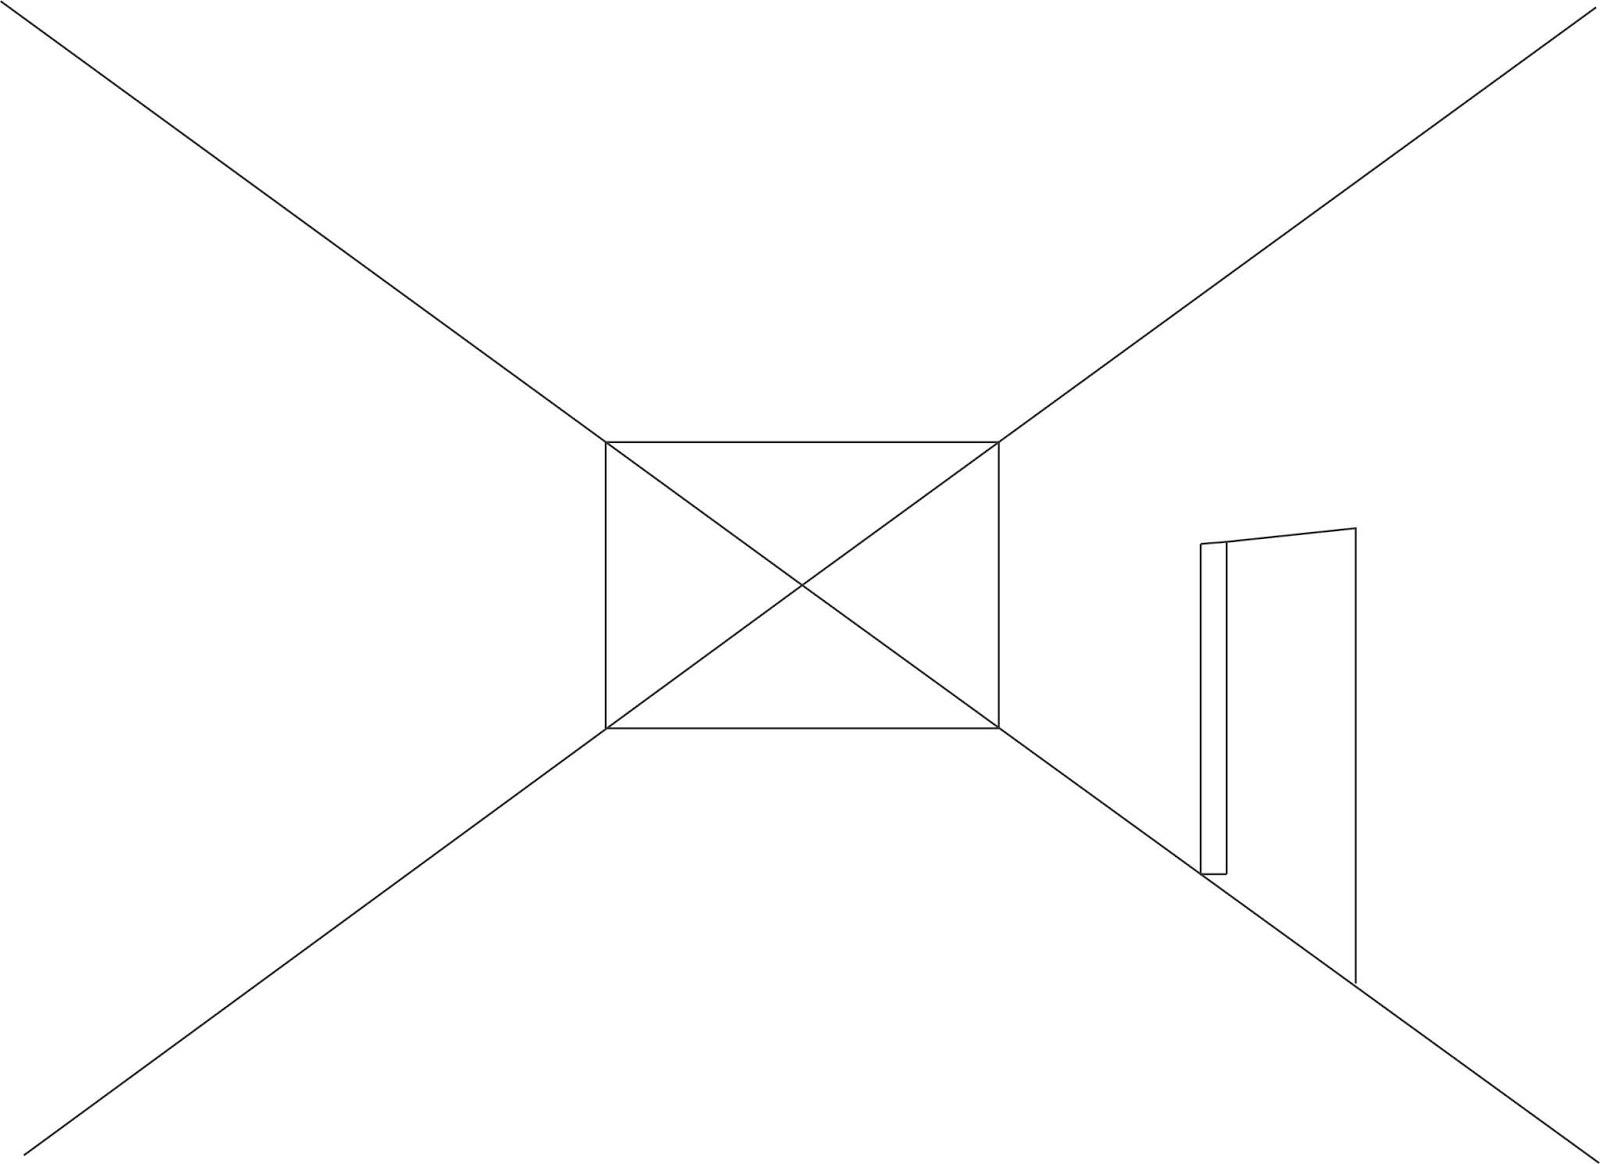 Cara Membuat Perspektif Sederhana 1 Titik Ruangan Dengan Coreldraw Tutoriduan Com